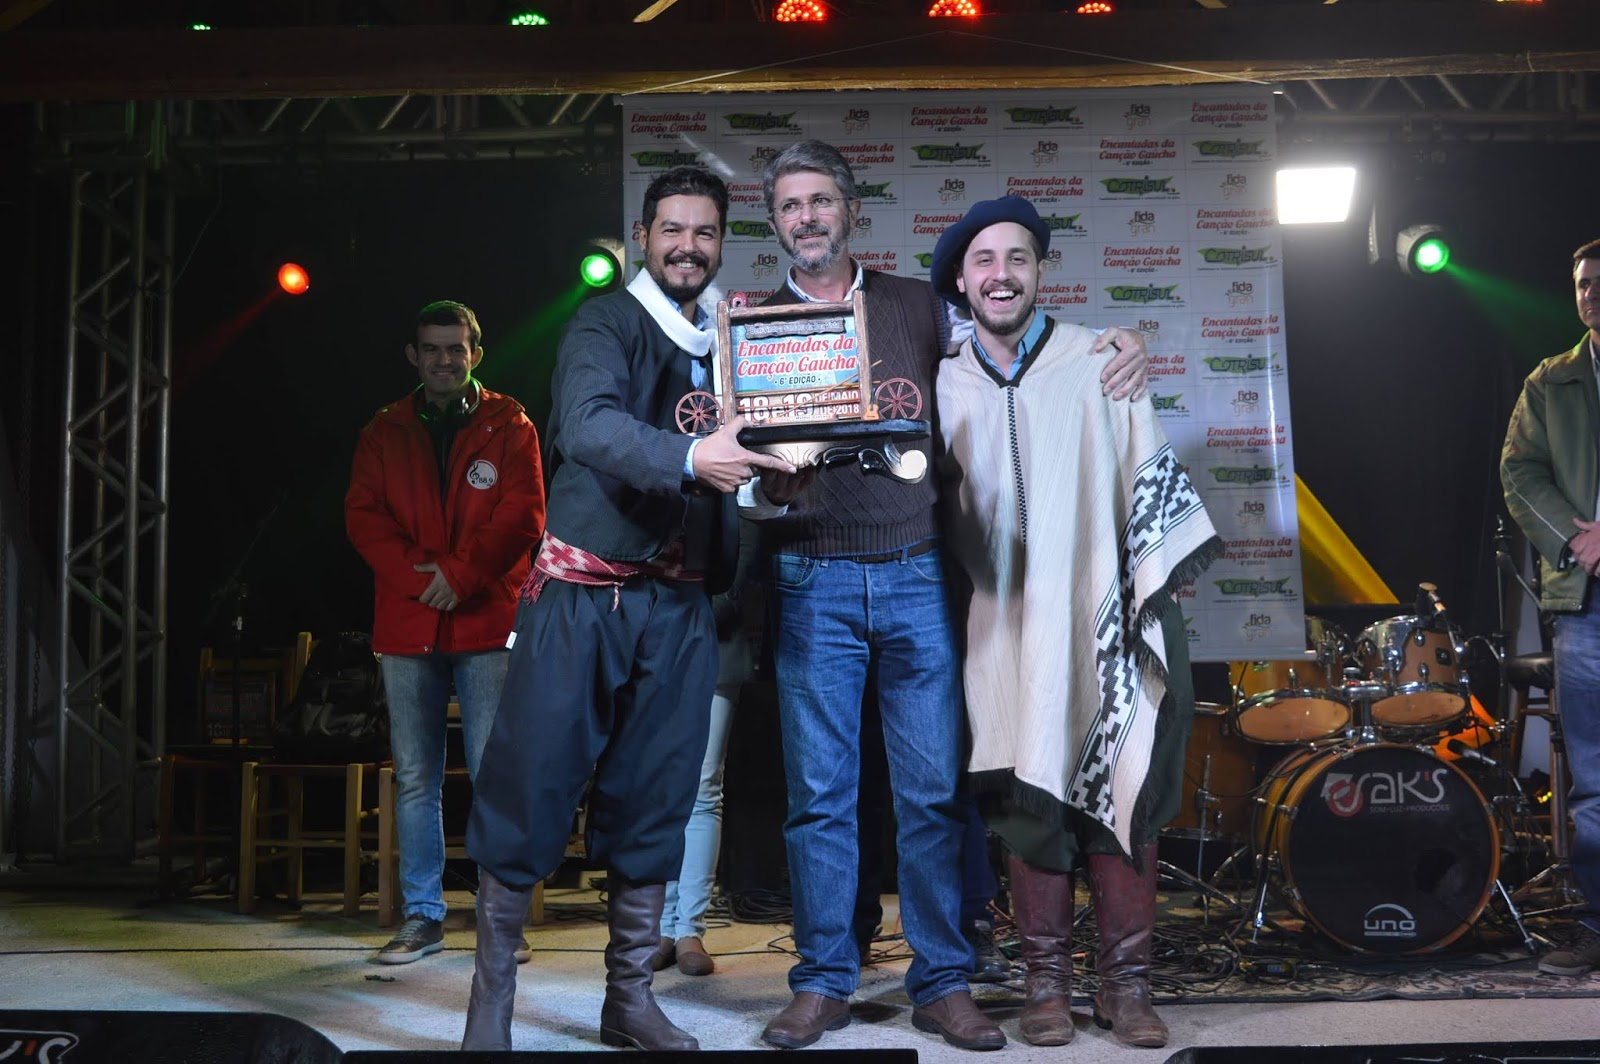 A música Chacarera é sol de outubro é a grande vencedora do 6ª Encantadas da Canção Gaúcha